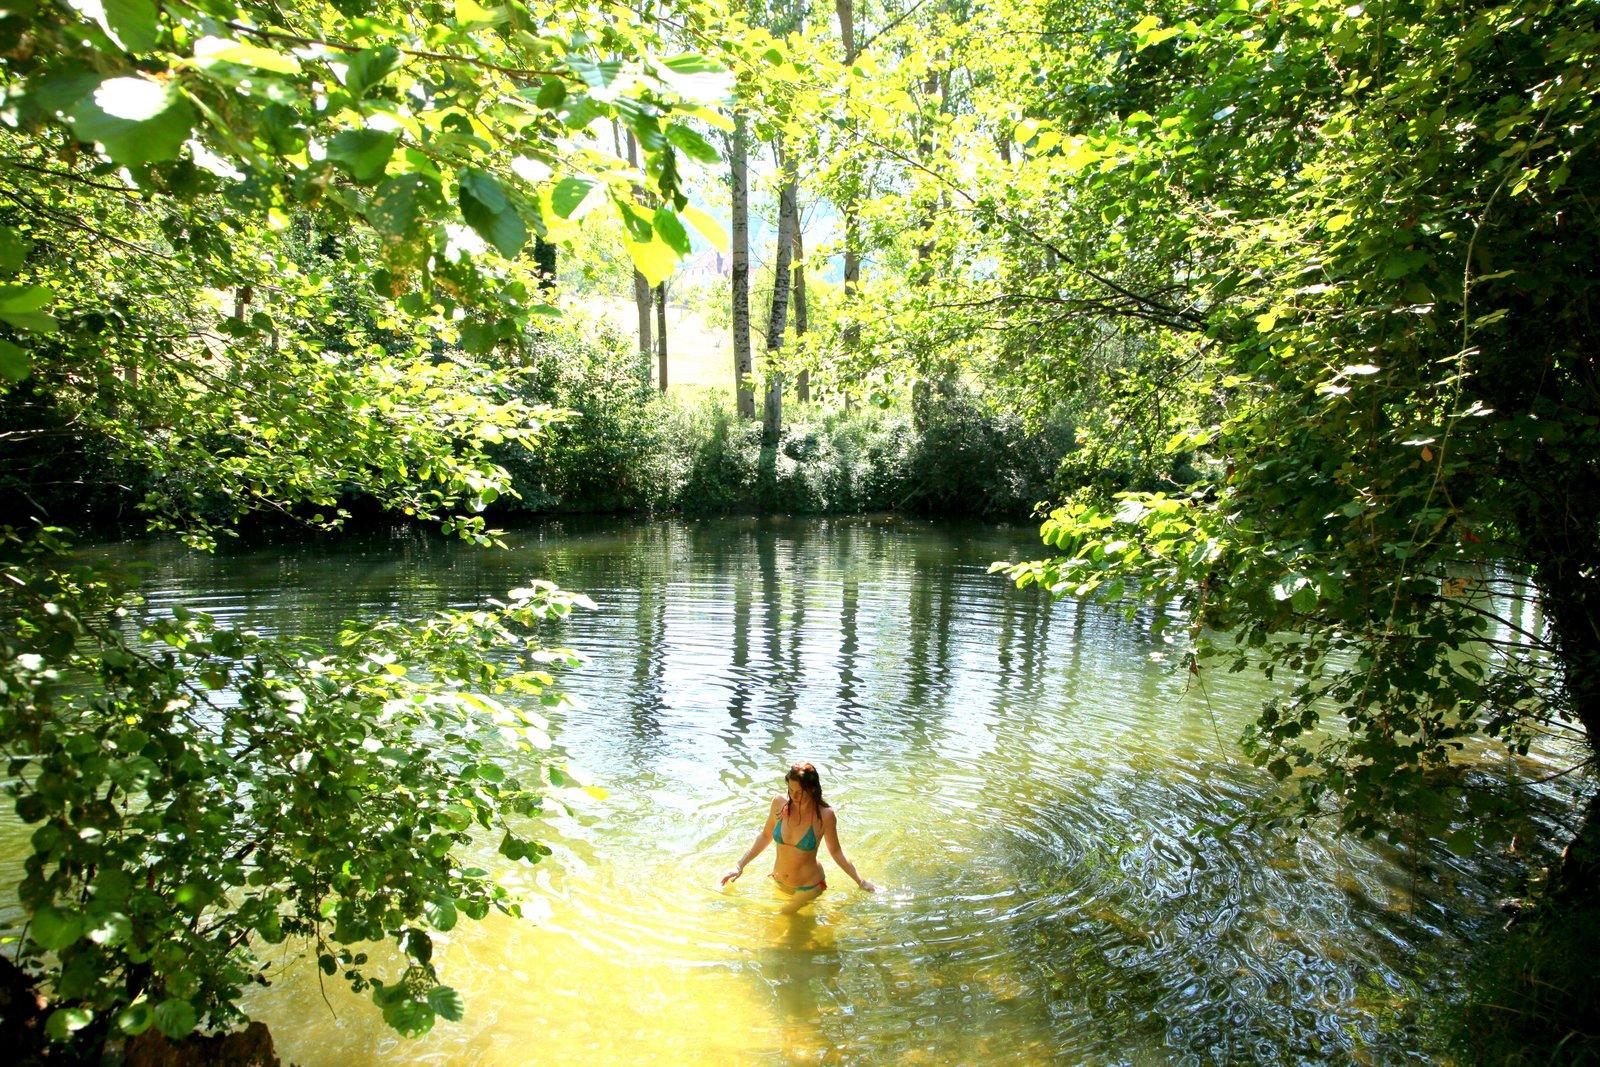 Corse - Baignades Sauvages France: Les Plus Beaux Lacs ... serapportantà Piscine Naturelle D Eau Chaude Corse Du Sud